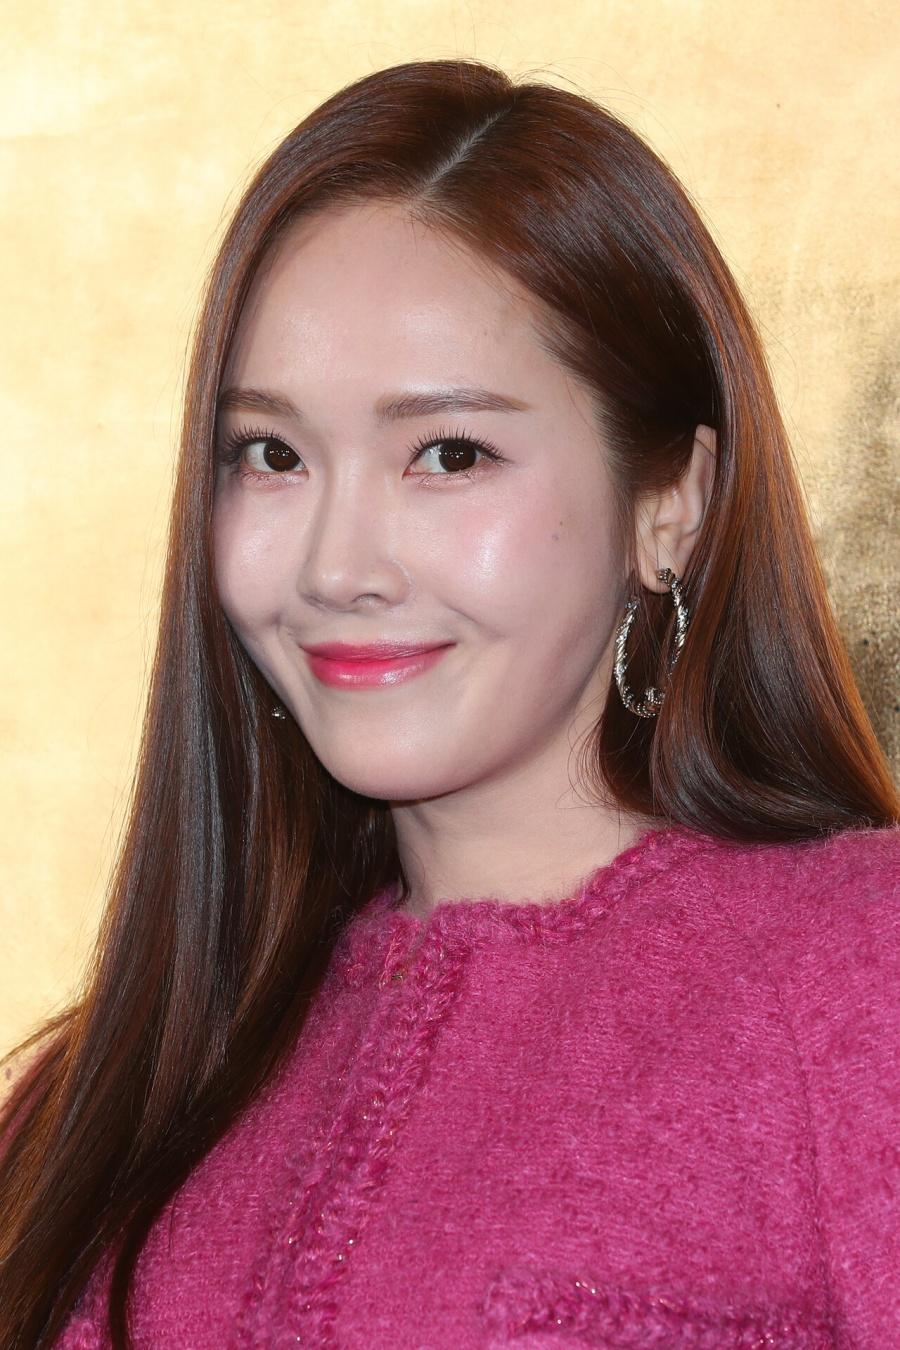 jessica jung novel movie 1